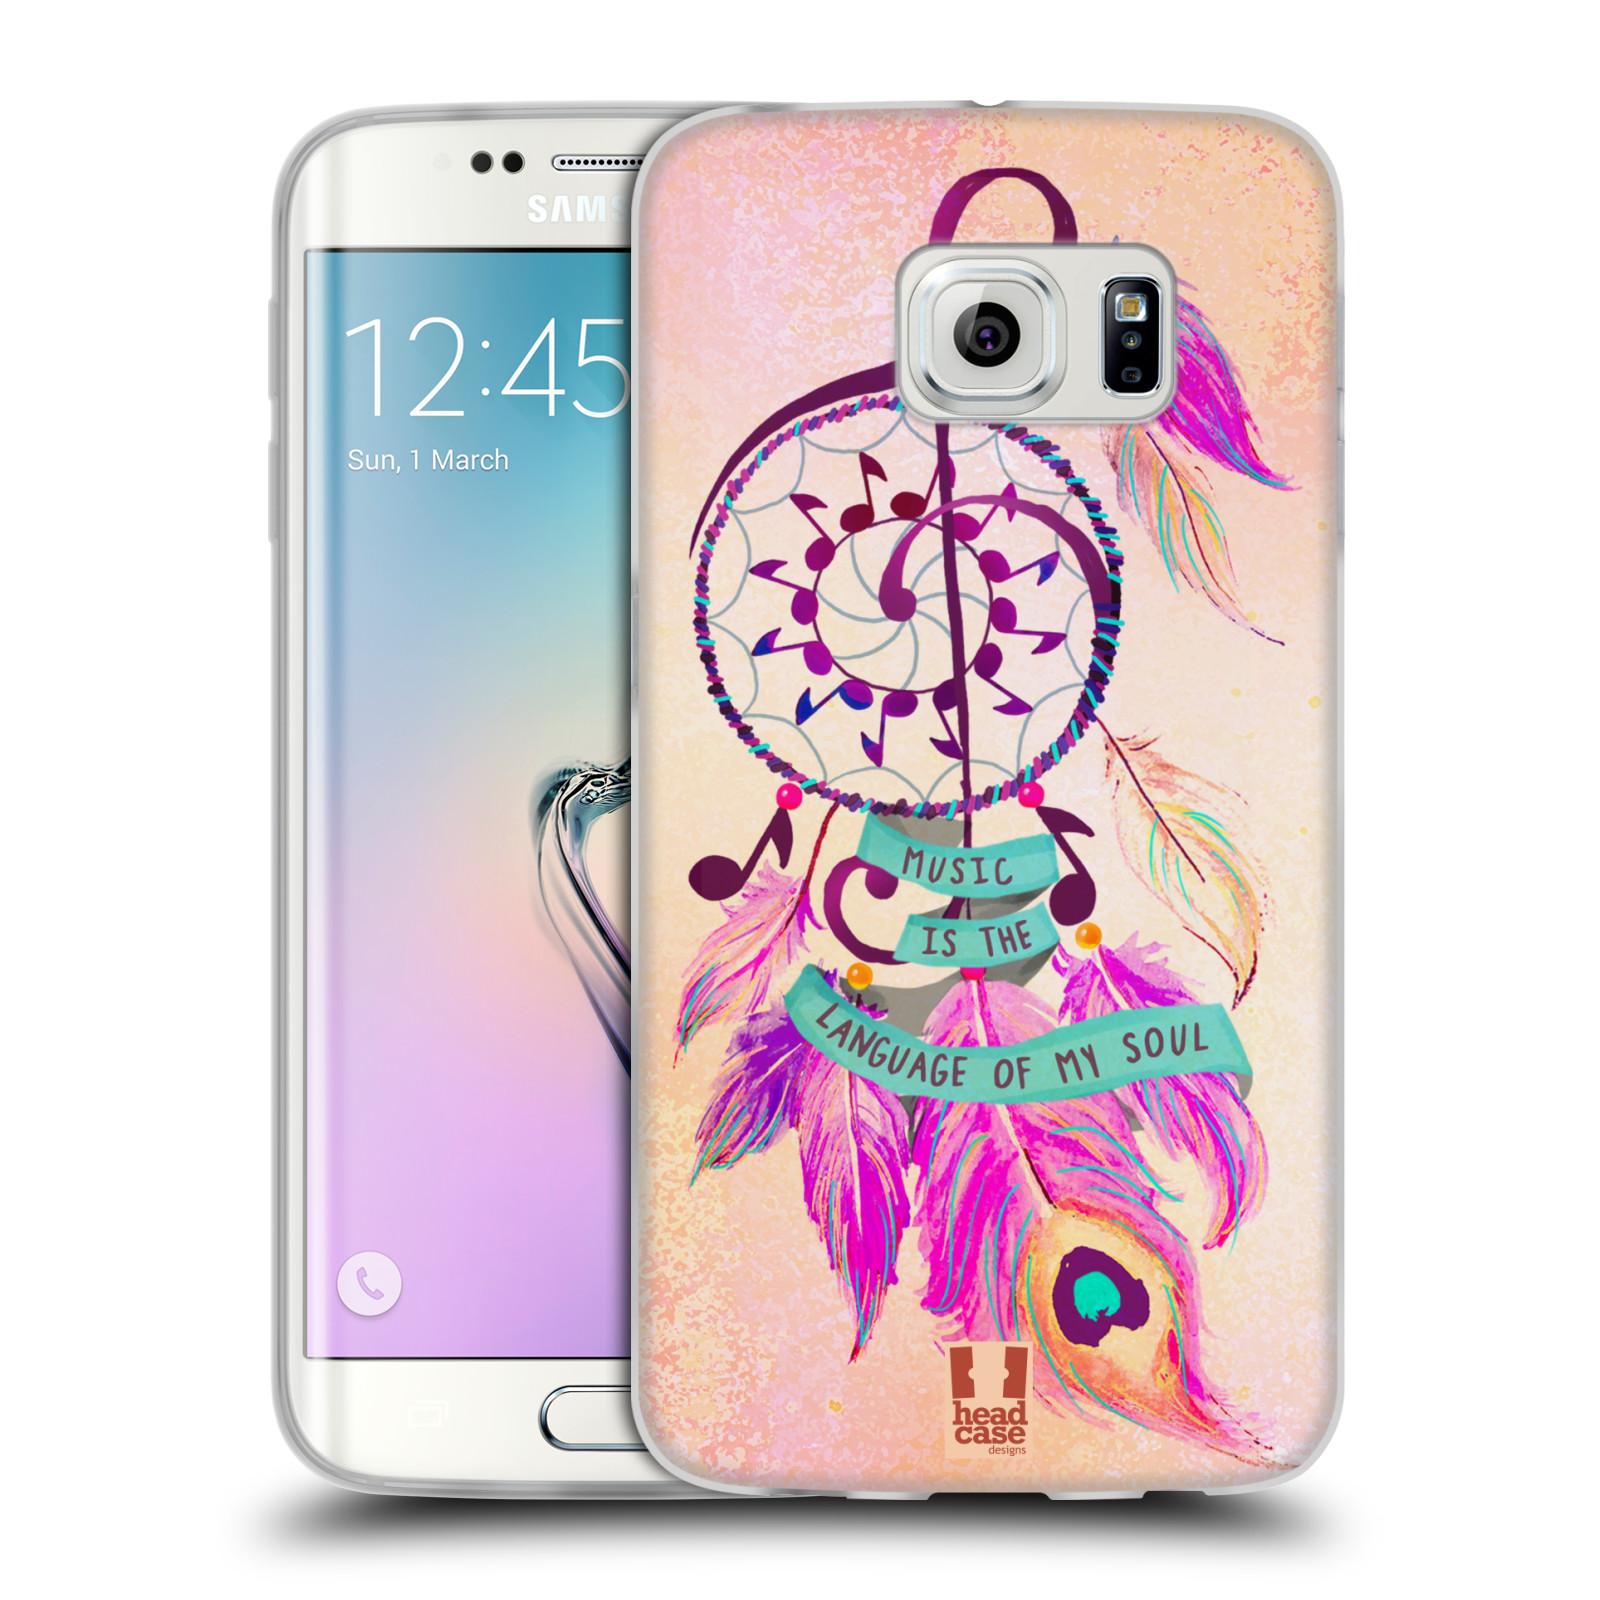 Silikonové pouzdro na mobil Samsung Galaxy S6 Edge HEAD CASE Lapač Assorted Music (Silikonový kryt či obal na mobilní telefon Samsung Galaxy S6 Edge SM-G925F)